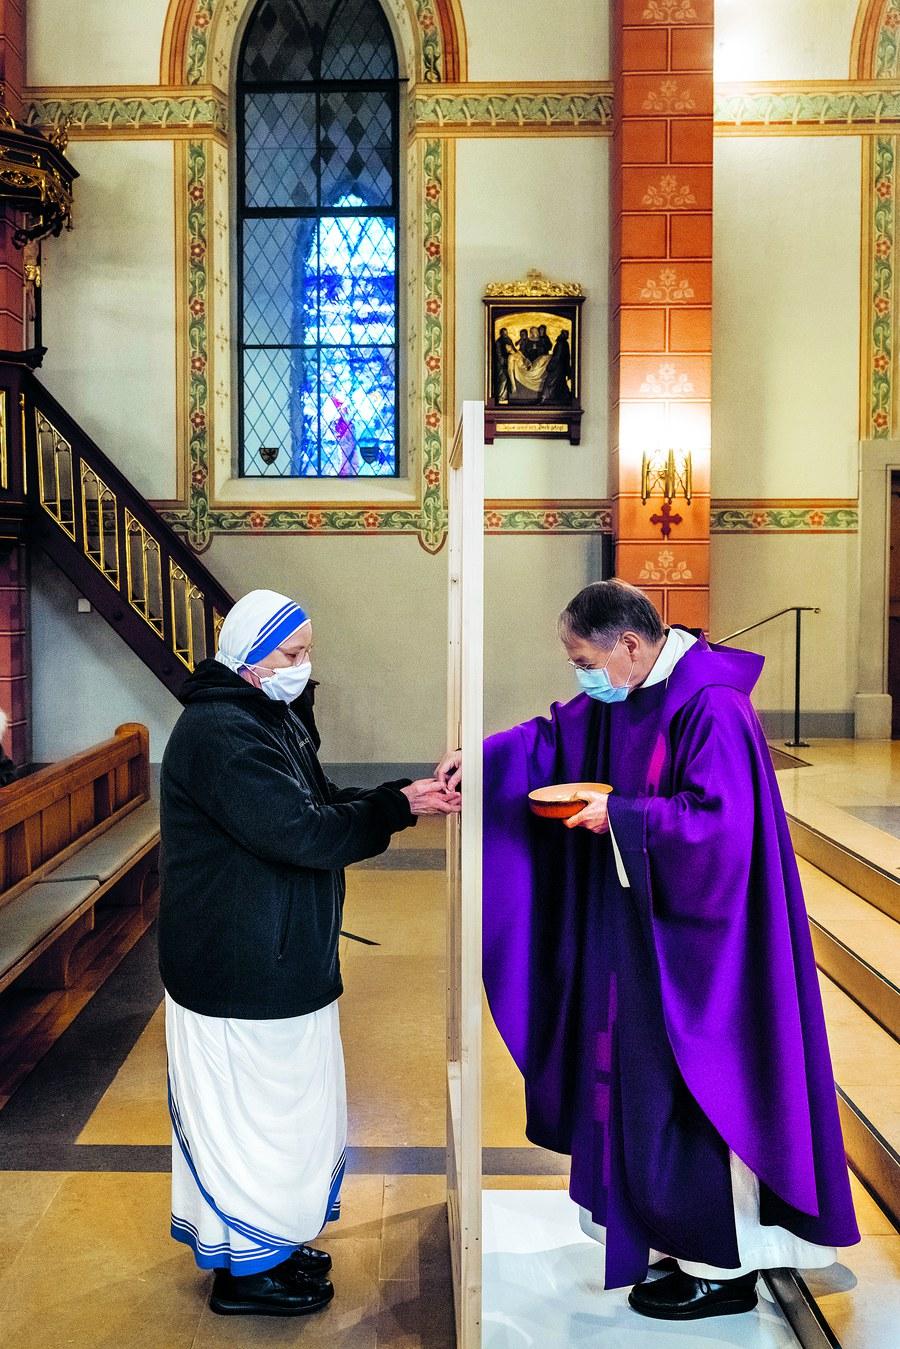 Brot-Teilen in ausserordentlichen Zeiten: Pfarrer René Berchtold reicht in der Stadtzürcher Kirche St. Peter und Paul einer Ordensschwester die Kommunion durch eine Plexiglastrennwand